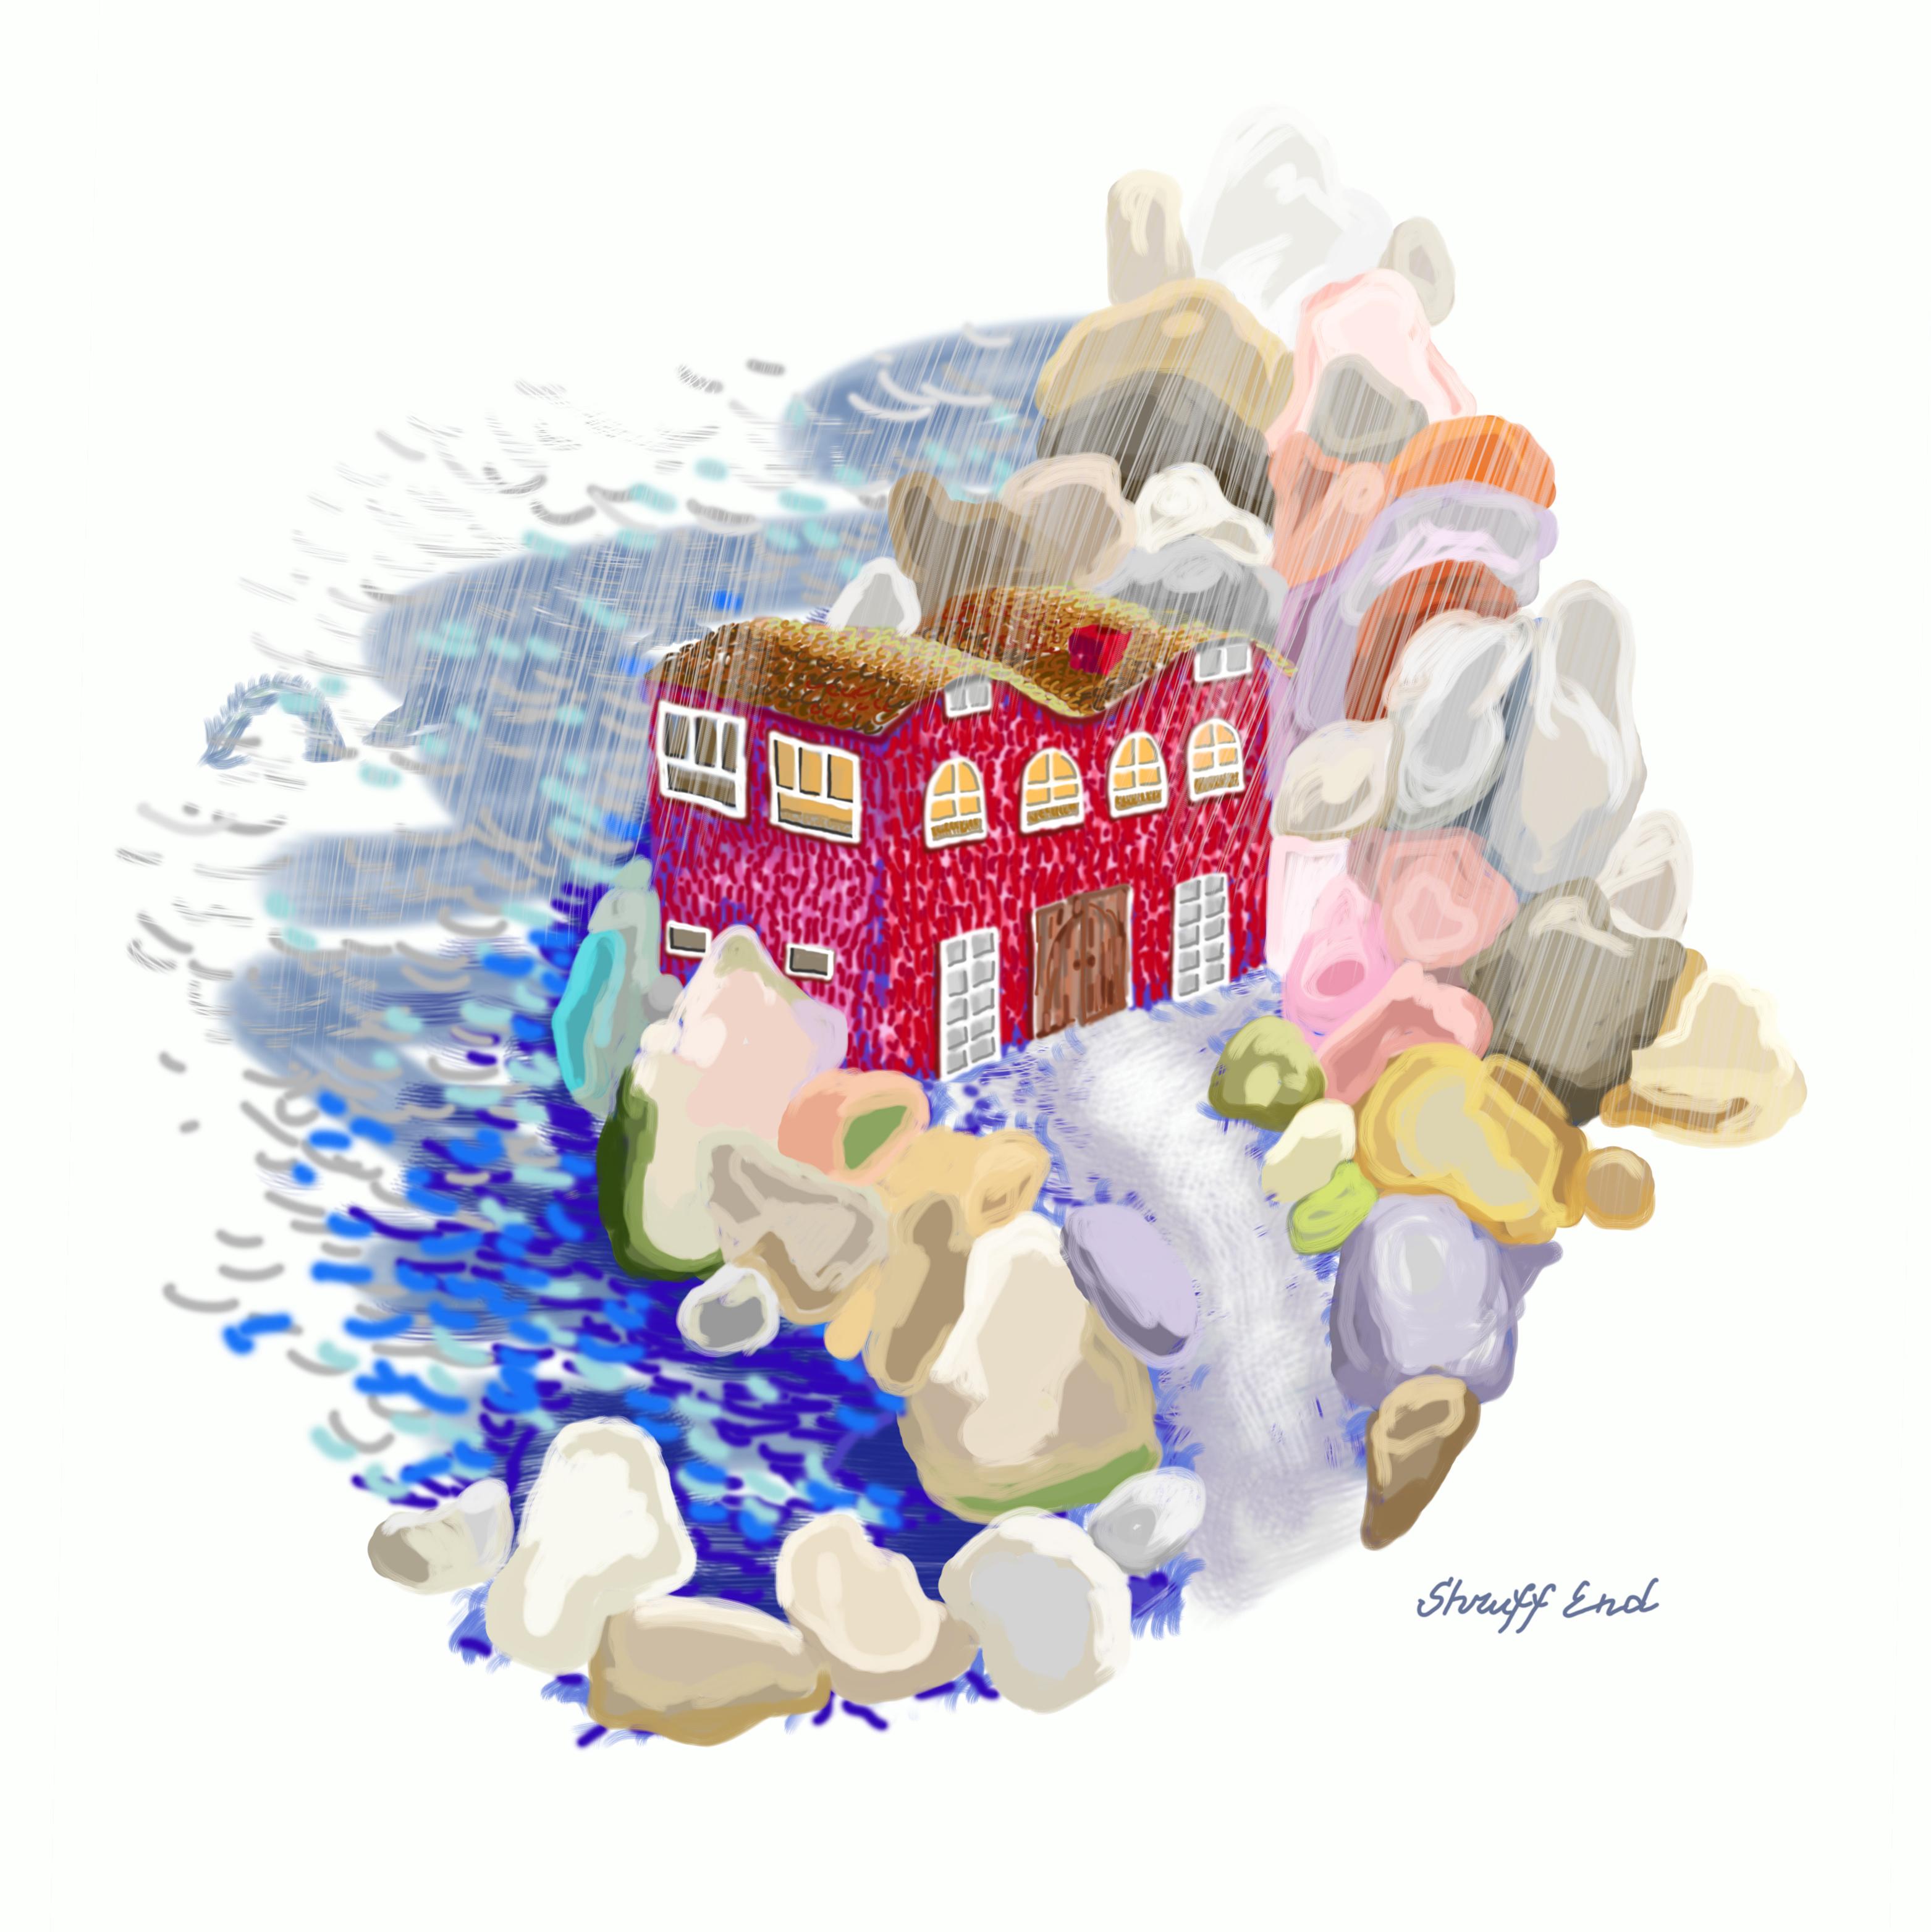 Illustration by Katrina Gelze